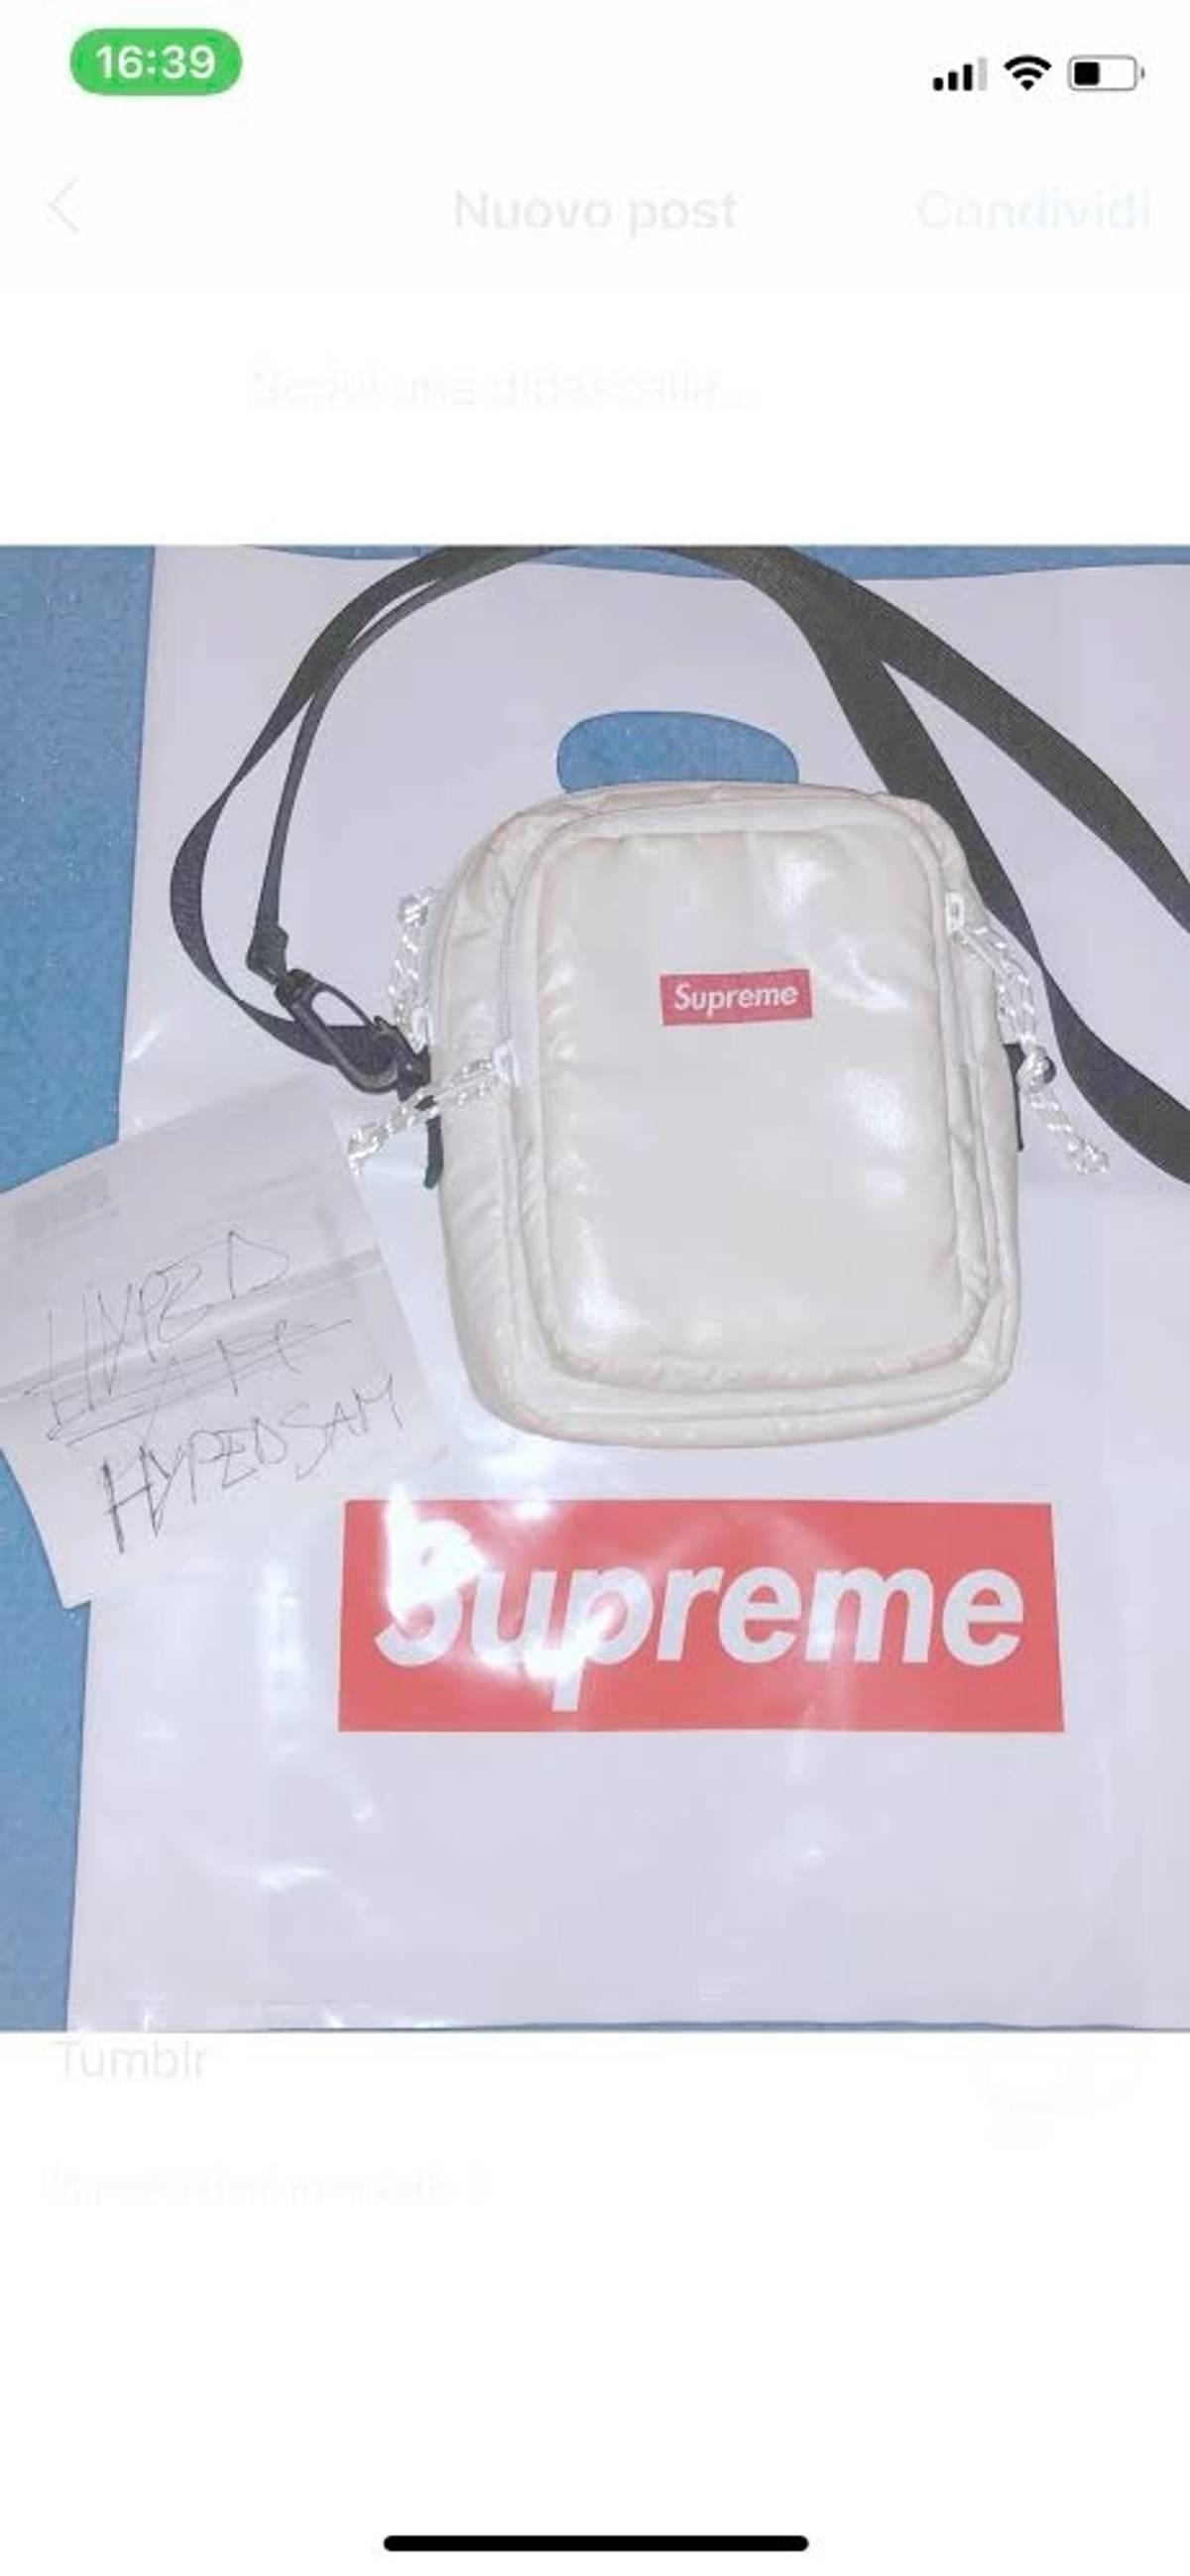 outlet 4a70f 3a104 Supreme Shoulder Bag Supreme / Borsello Supreme Size One Size $180